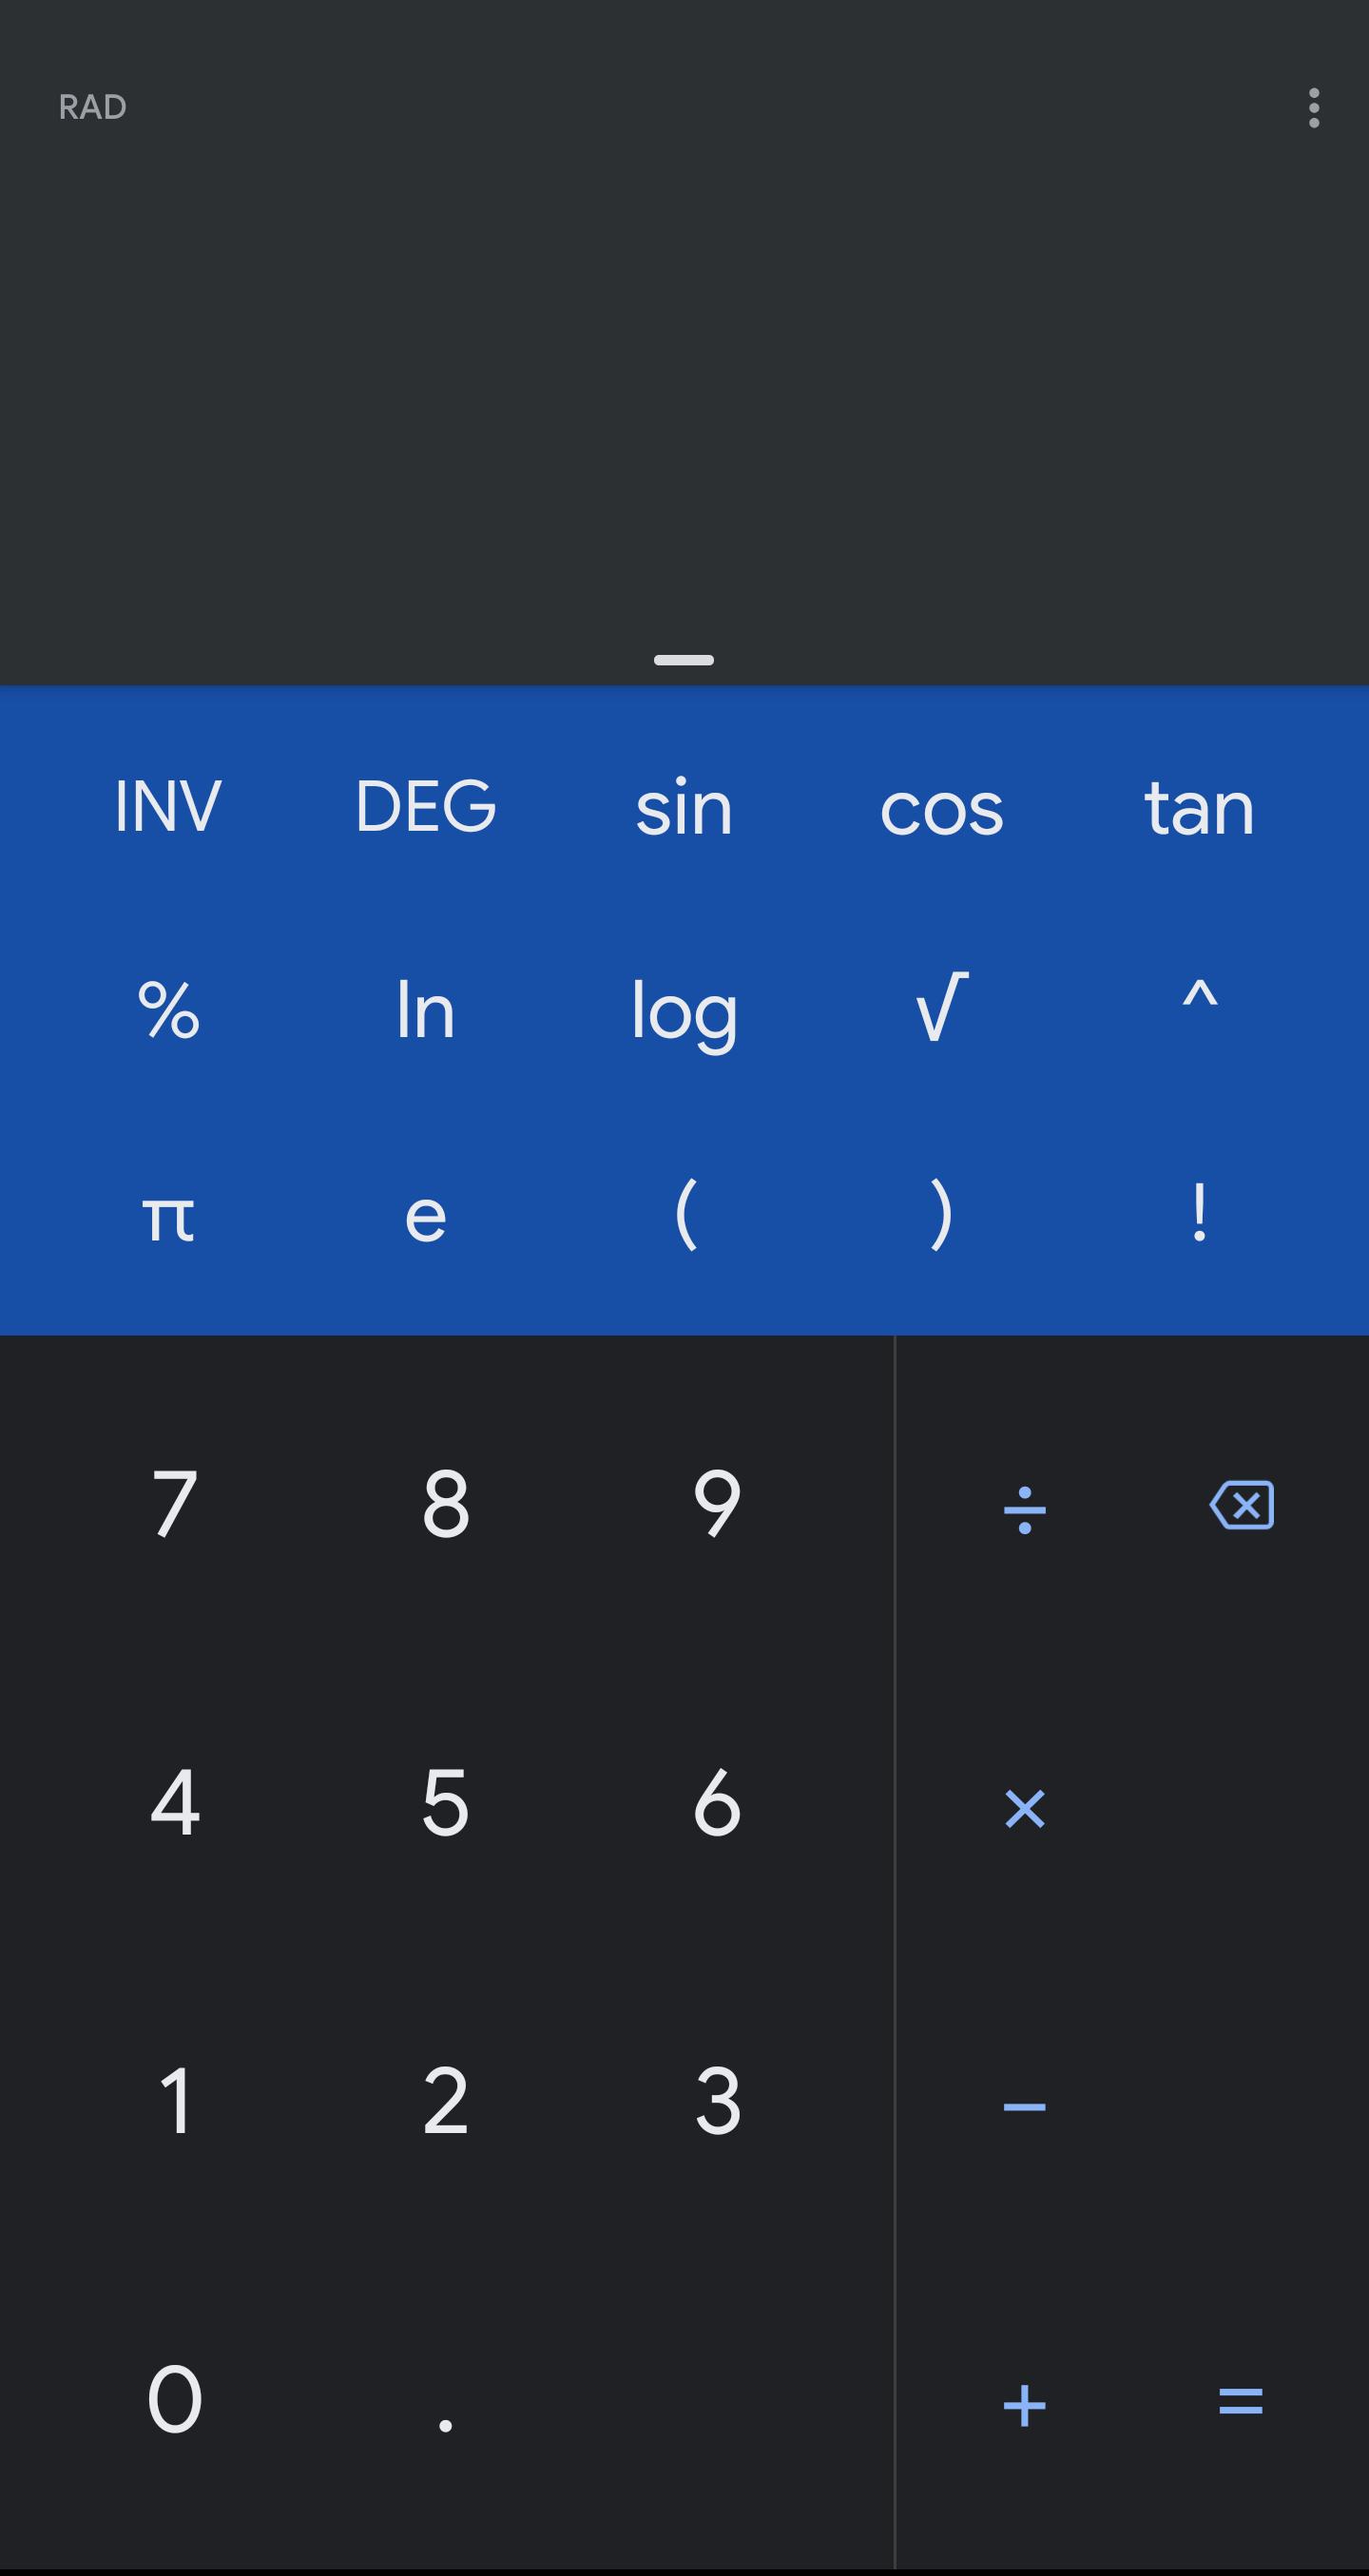 """تطبيق الآلة الحاسبة """"Calculator"""" من قوقل يحصل على الوضع المُظلم"""